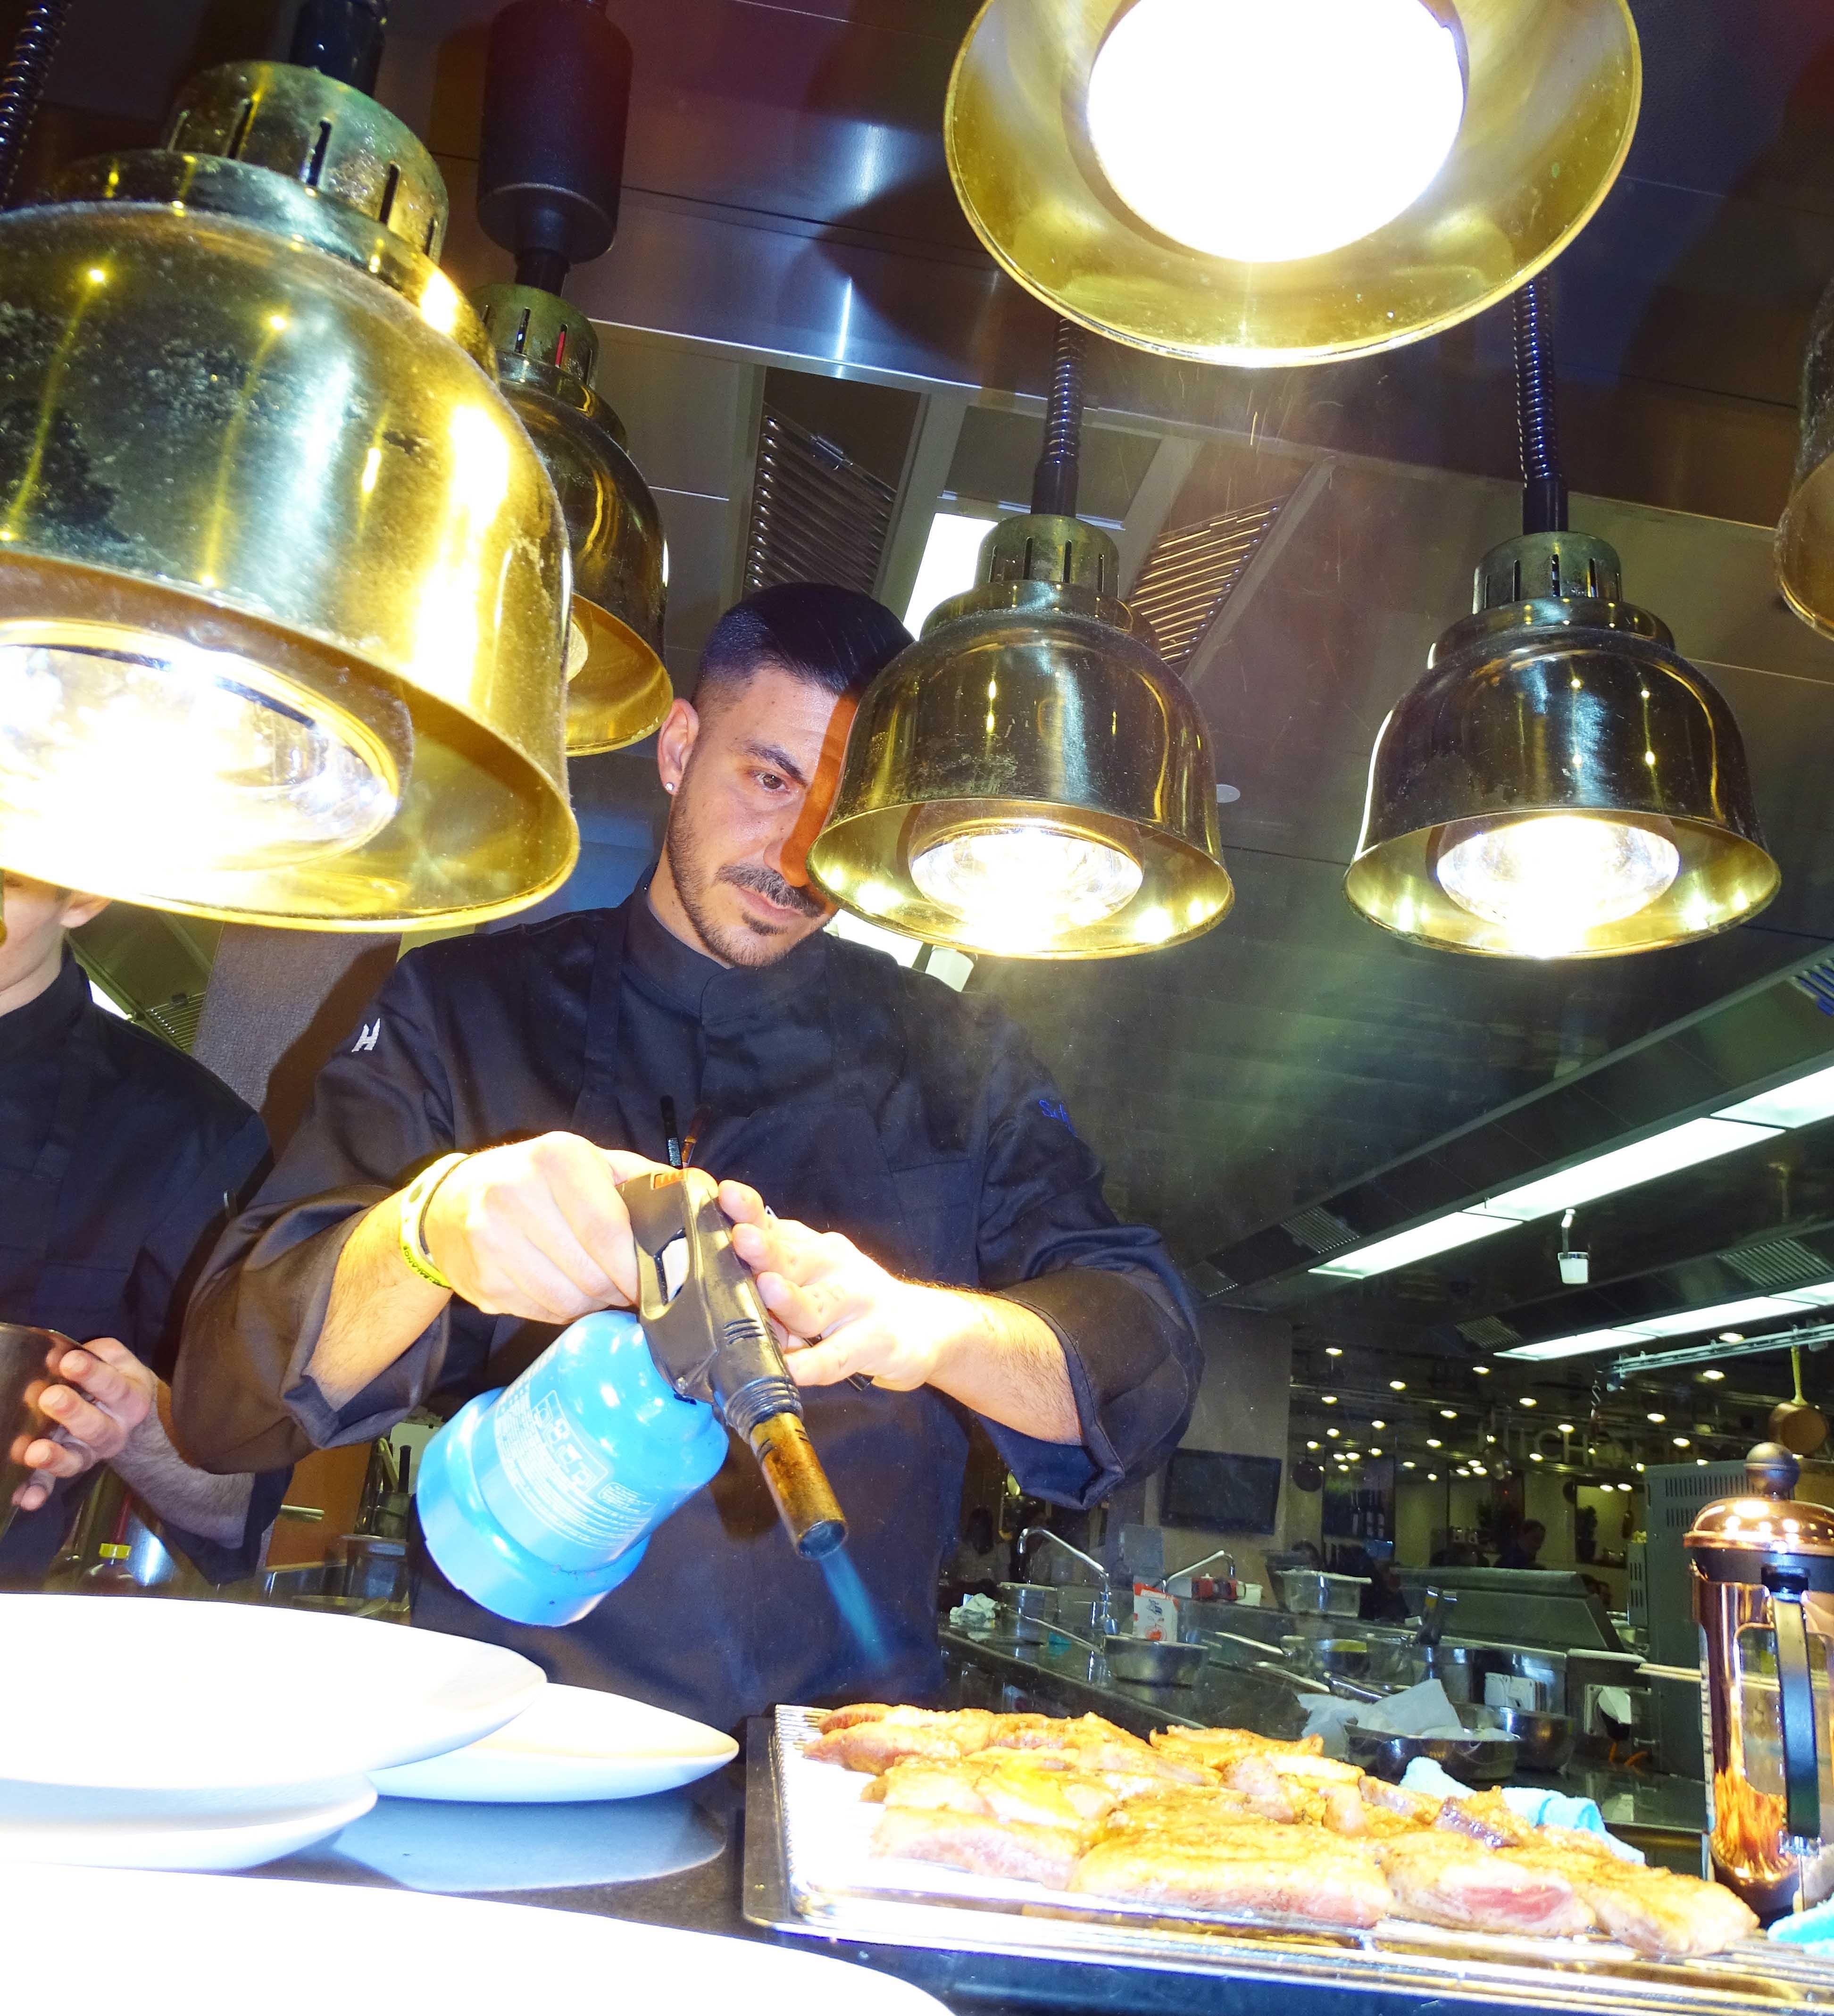 Pata Negra wie auf dem Campingplatz: Das edle Fleisch wird lediglich einige wenigew Minuten mit dem Gasbrenner erhitzt.